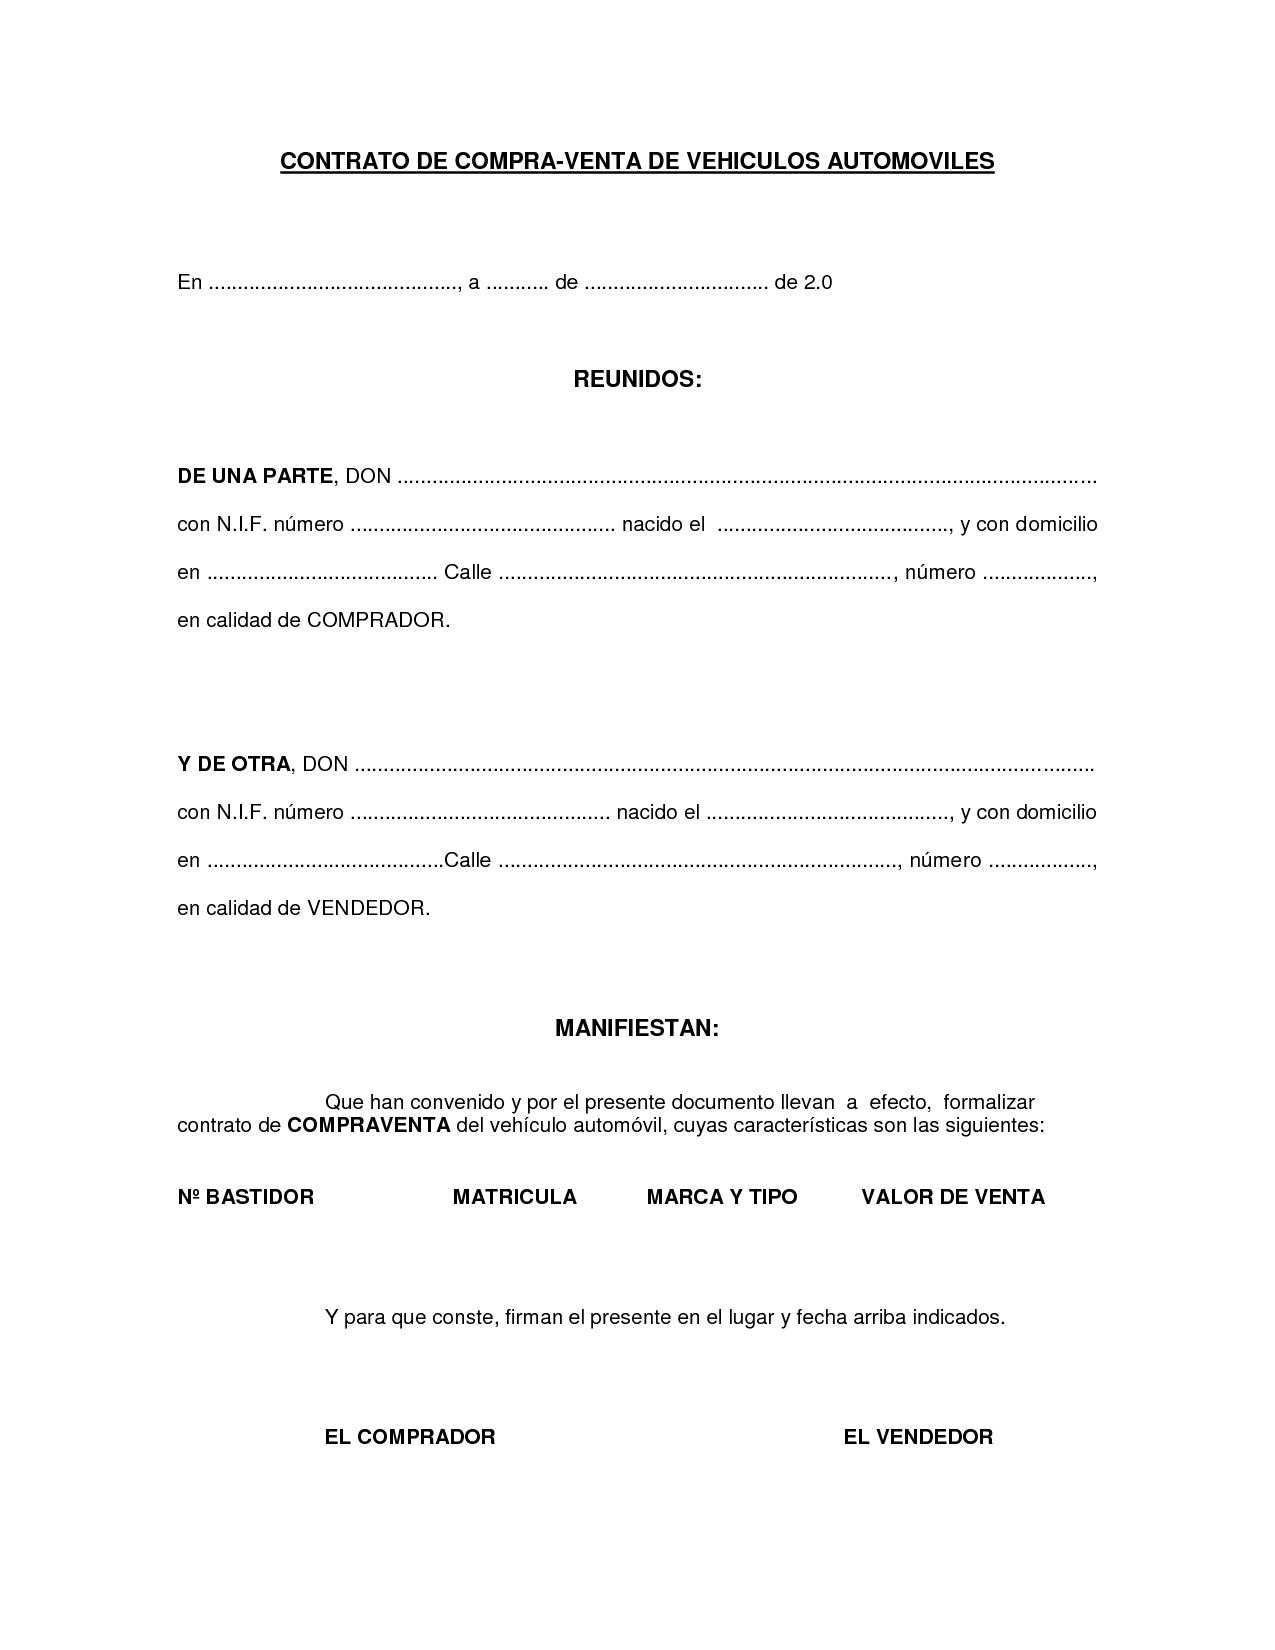 Embarcacion Modelo Contrato Compraventa Vehiculo Automotor Contrato ...